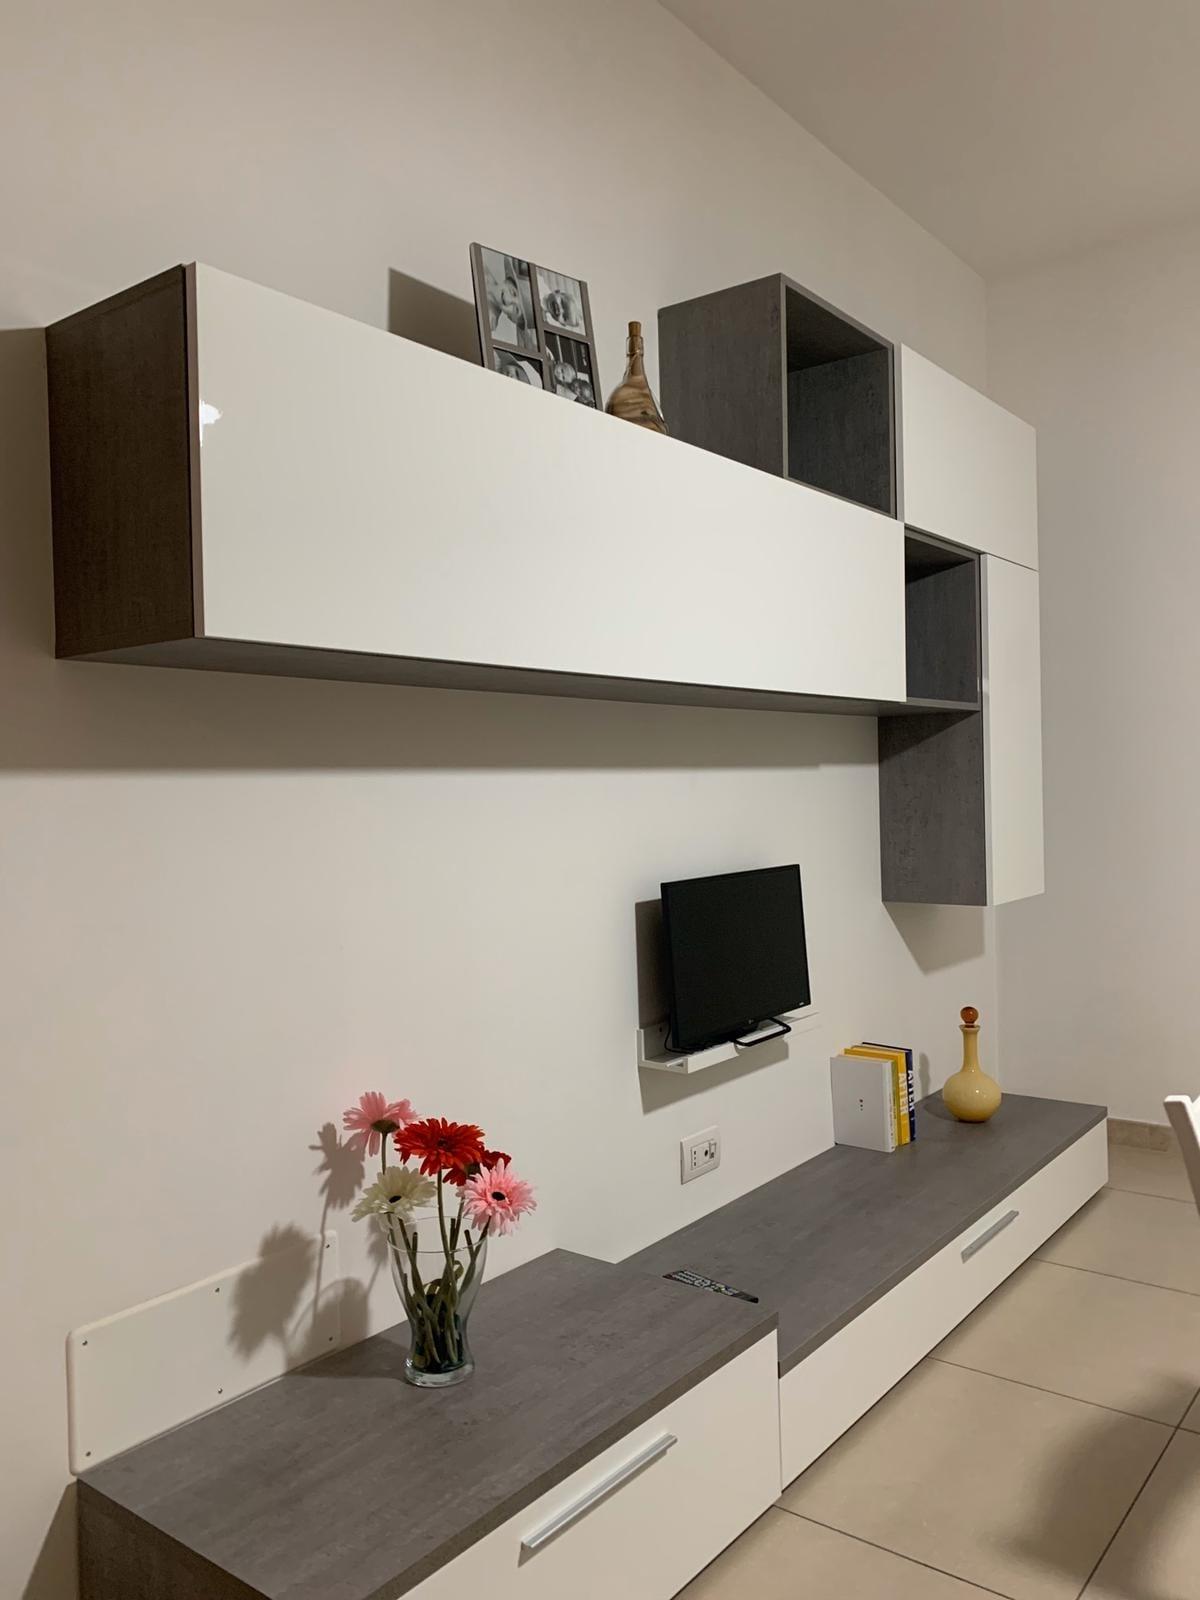 Nuovo Arredo Arredamenti Modugno.La Maison De Vesa Villas For Rent In Modugno